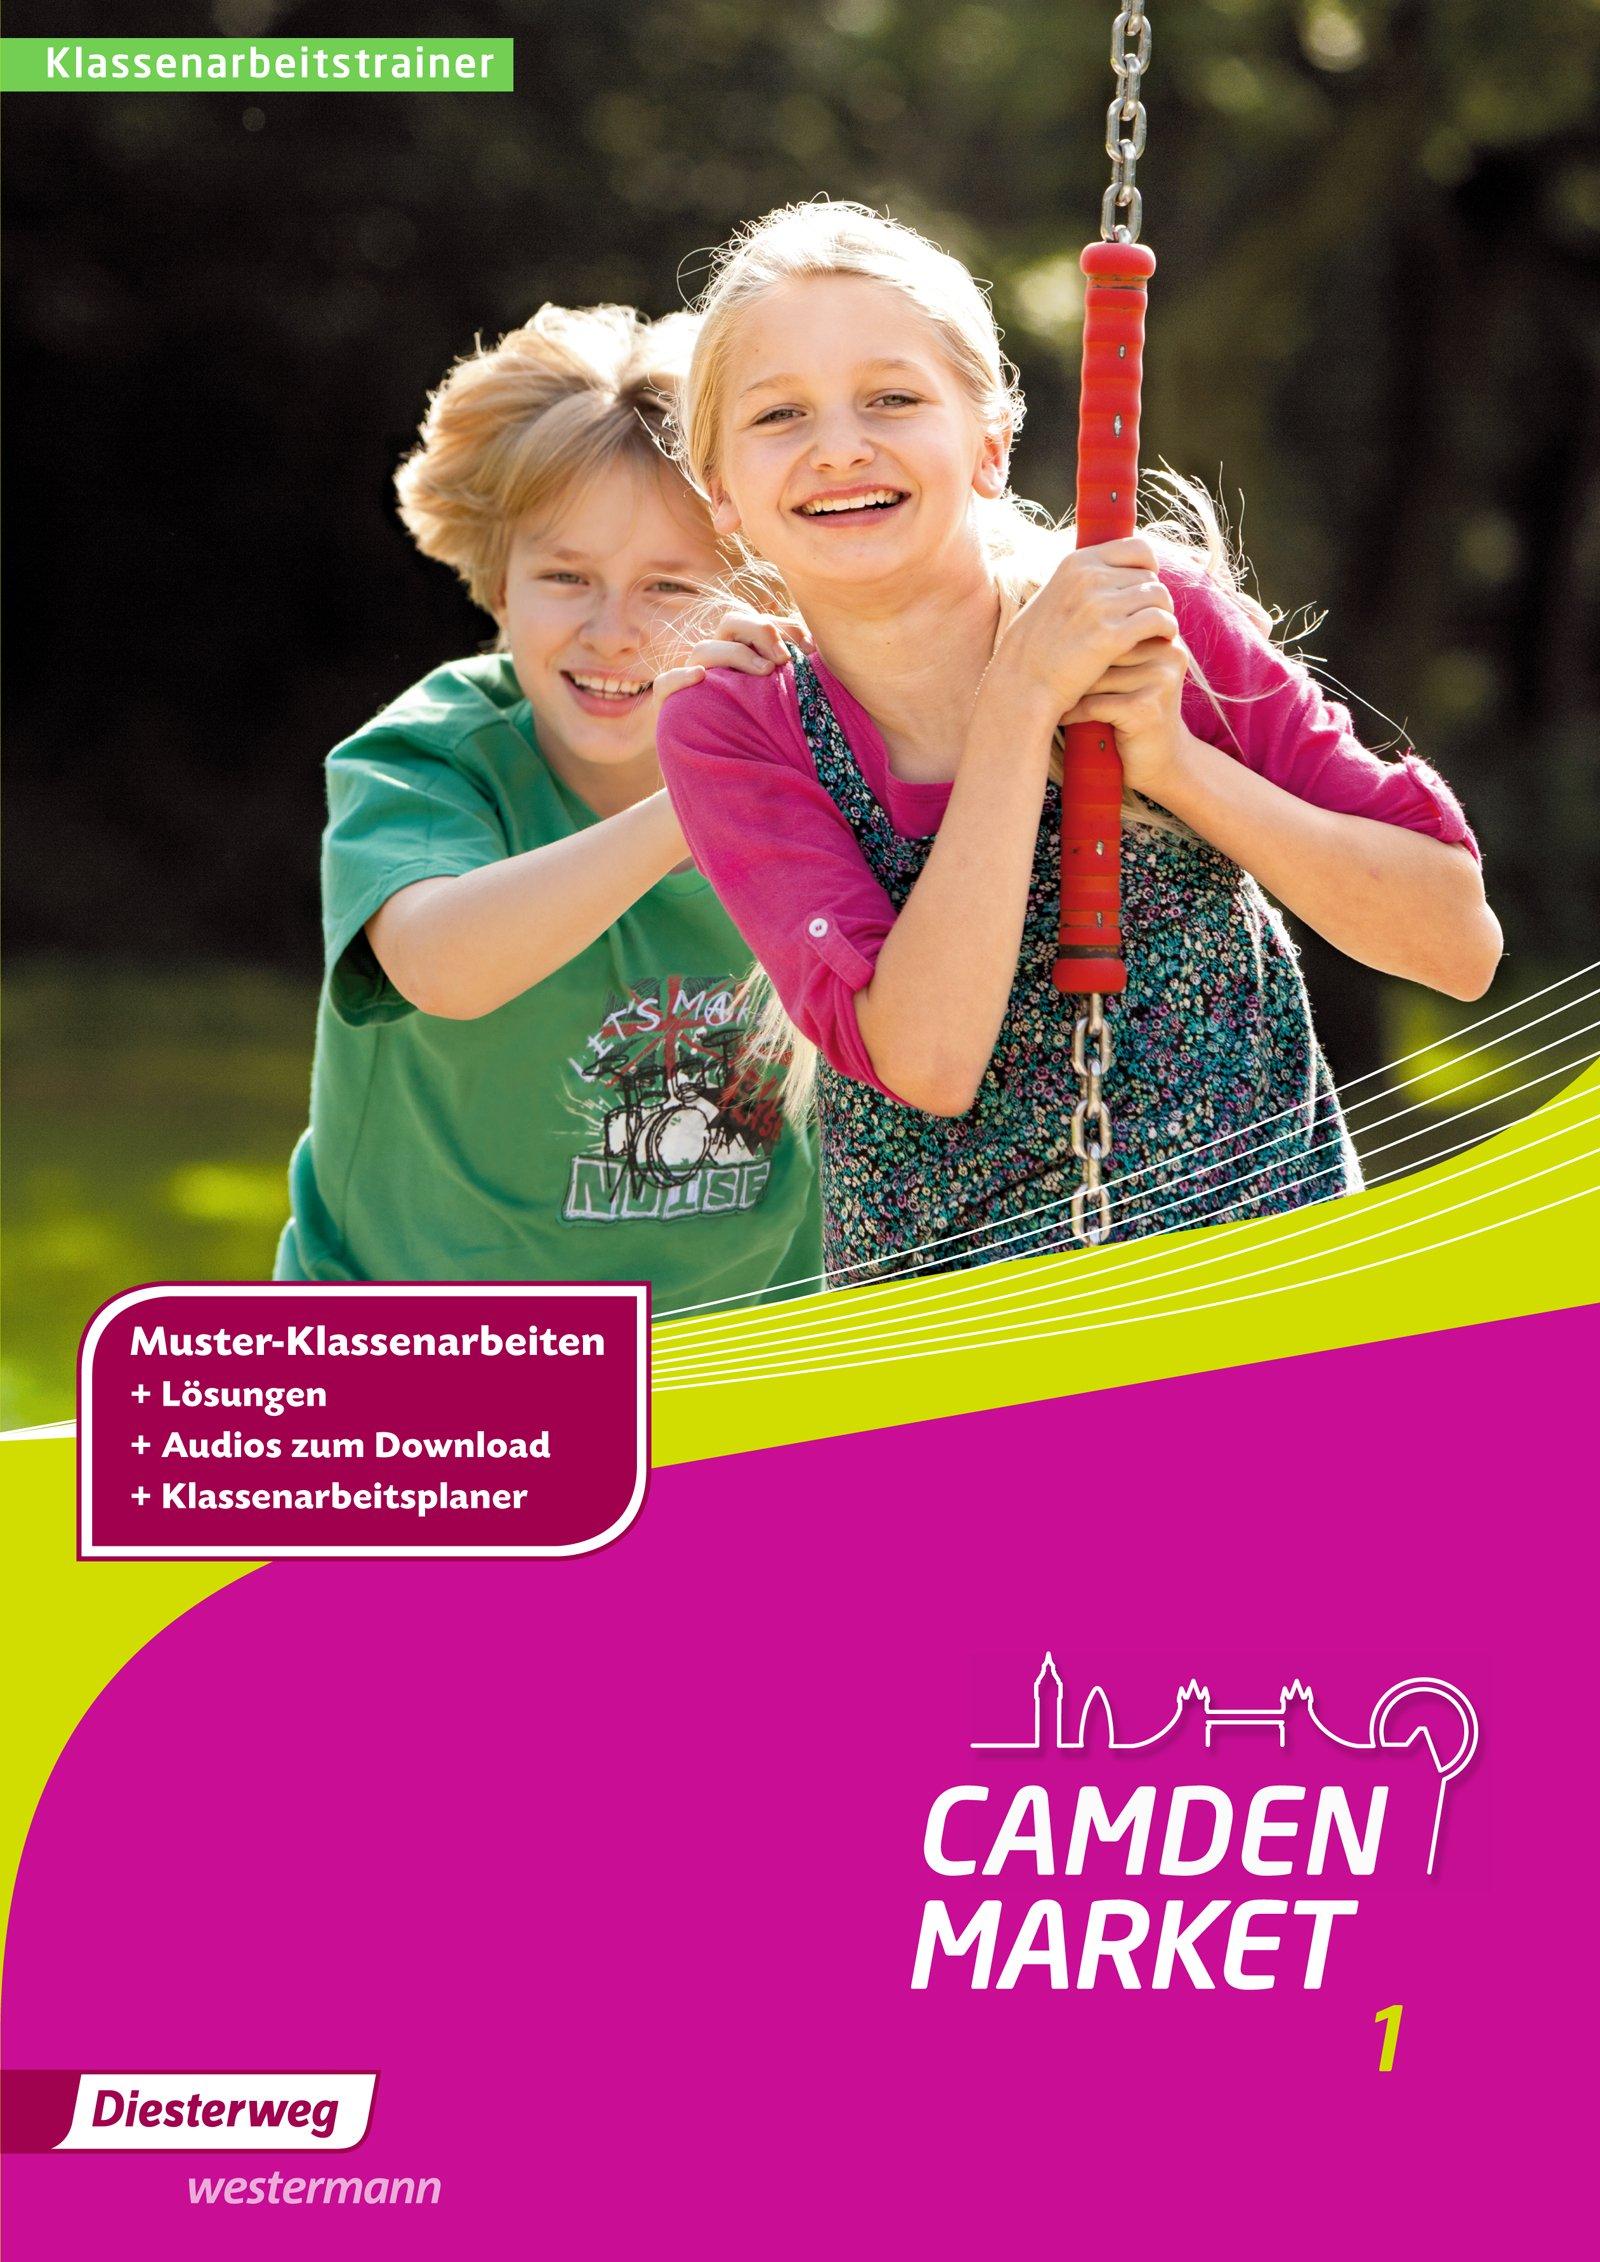 Camden Market   Binnendifferenzierendes Englischlehrwerk Für Die Sekundarstufe I Und Grundschule 5   6   Ausgabe 2013  Camden Market  Klassenarbeitstrainer 1